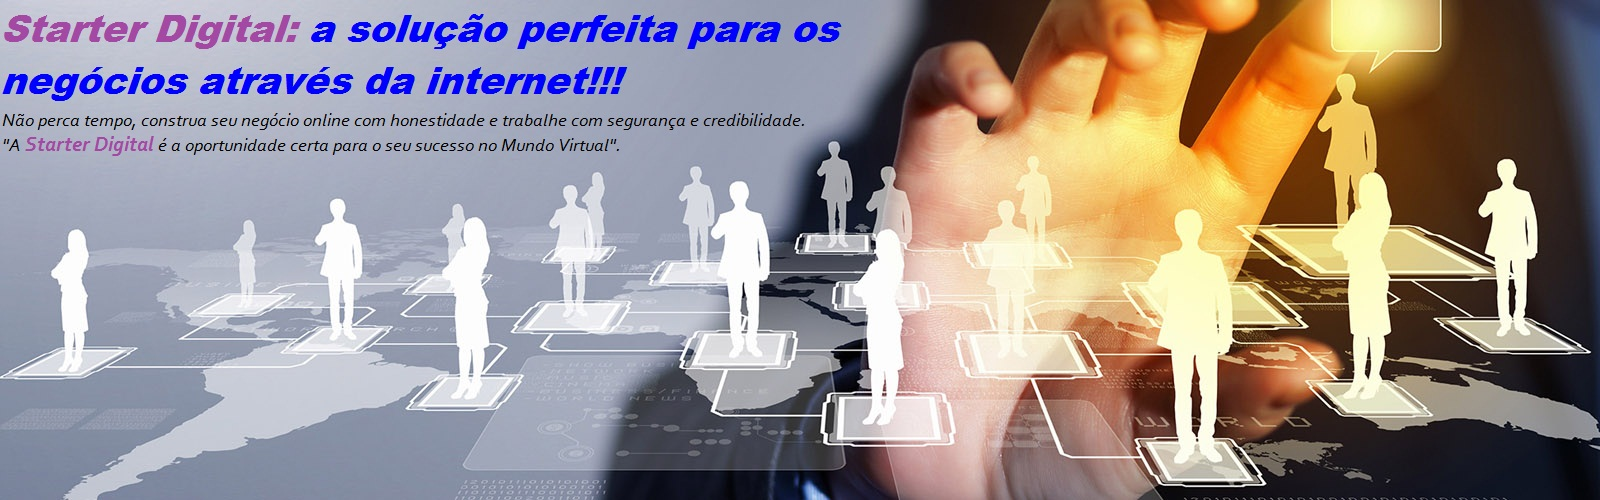 GANHE DINHEIRO DE FORMA SEGURA E ALAVANQUE SEUS NEGÓCIOS ATRAVÉS DA INTERNET COM A STARTER DIGITAL.